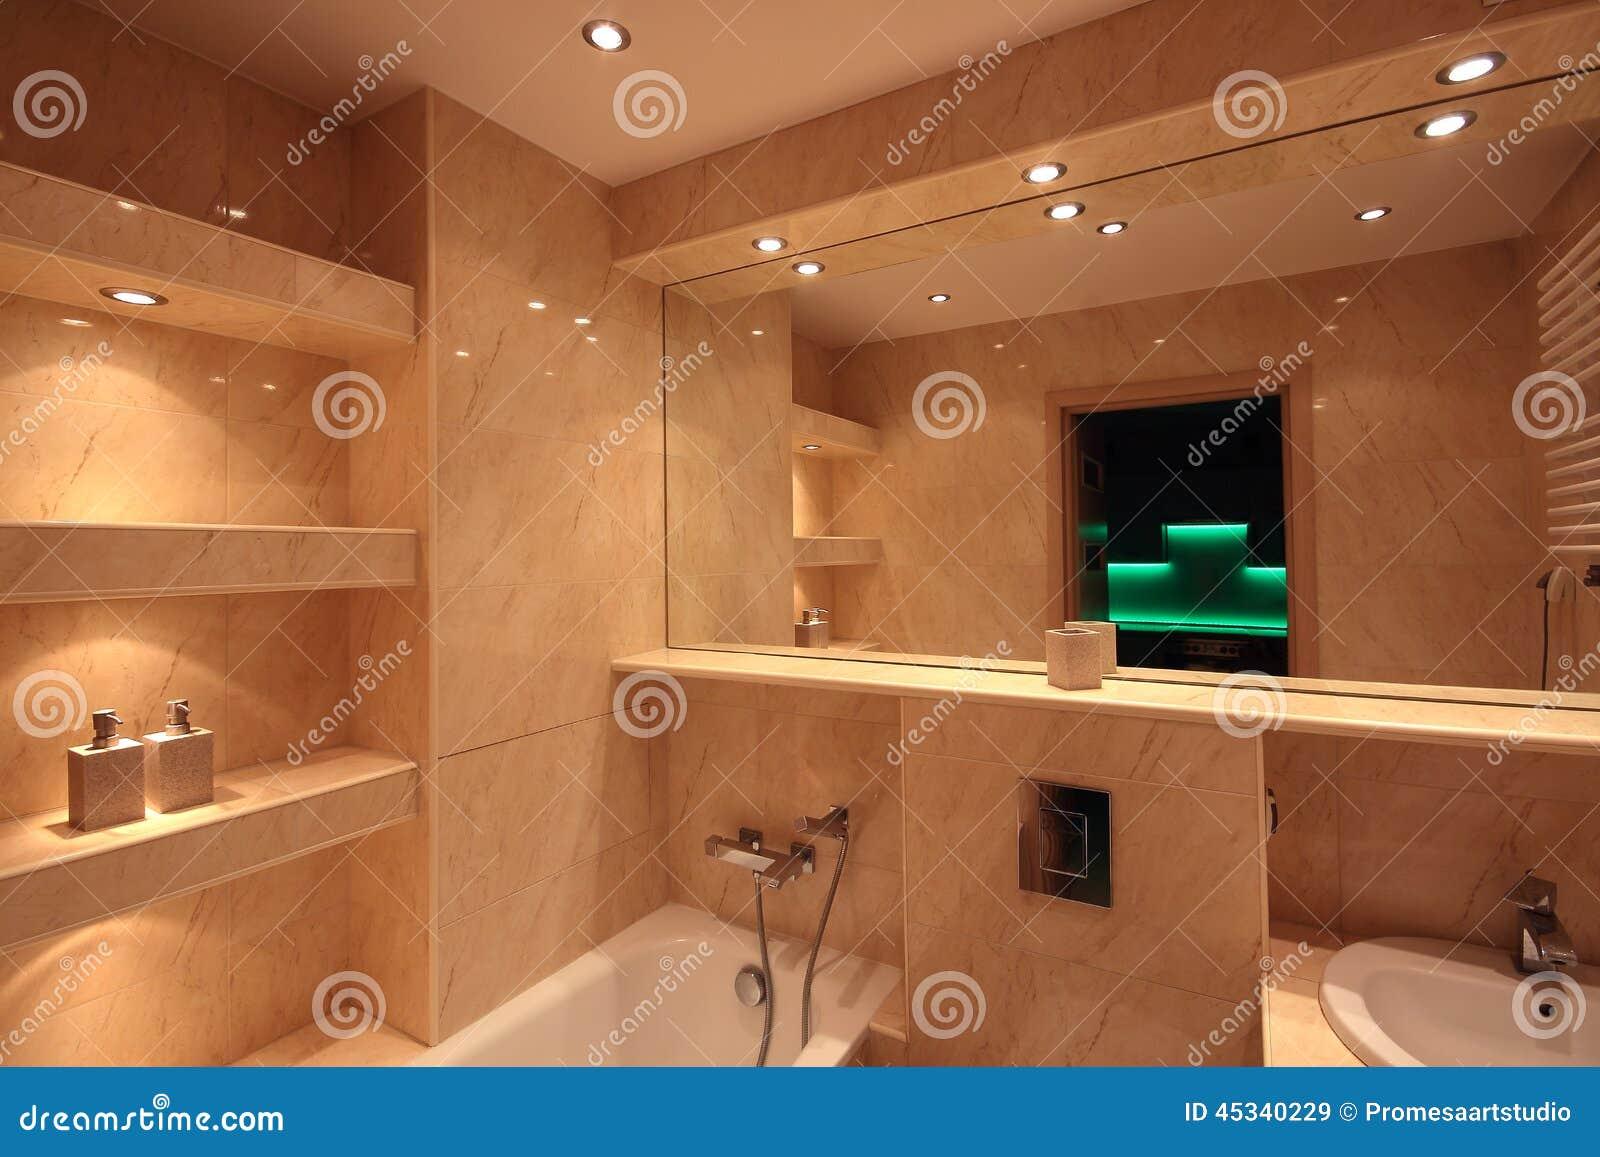 Int rieur moderne de salle de bains de maison photo stock for Interieur salle de bain